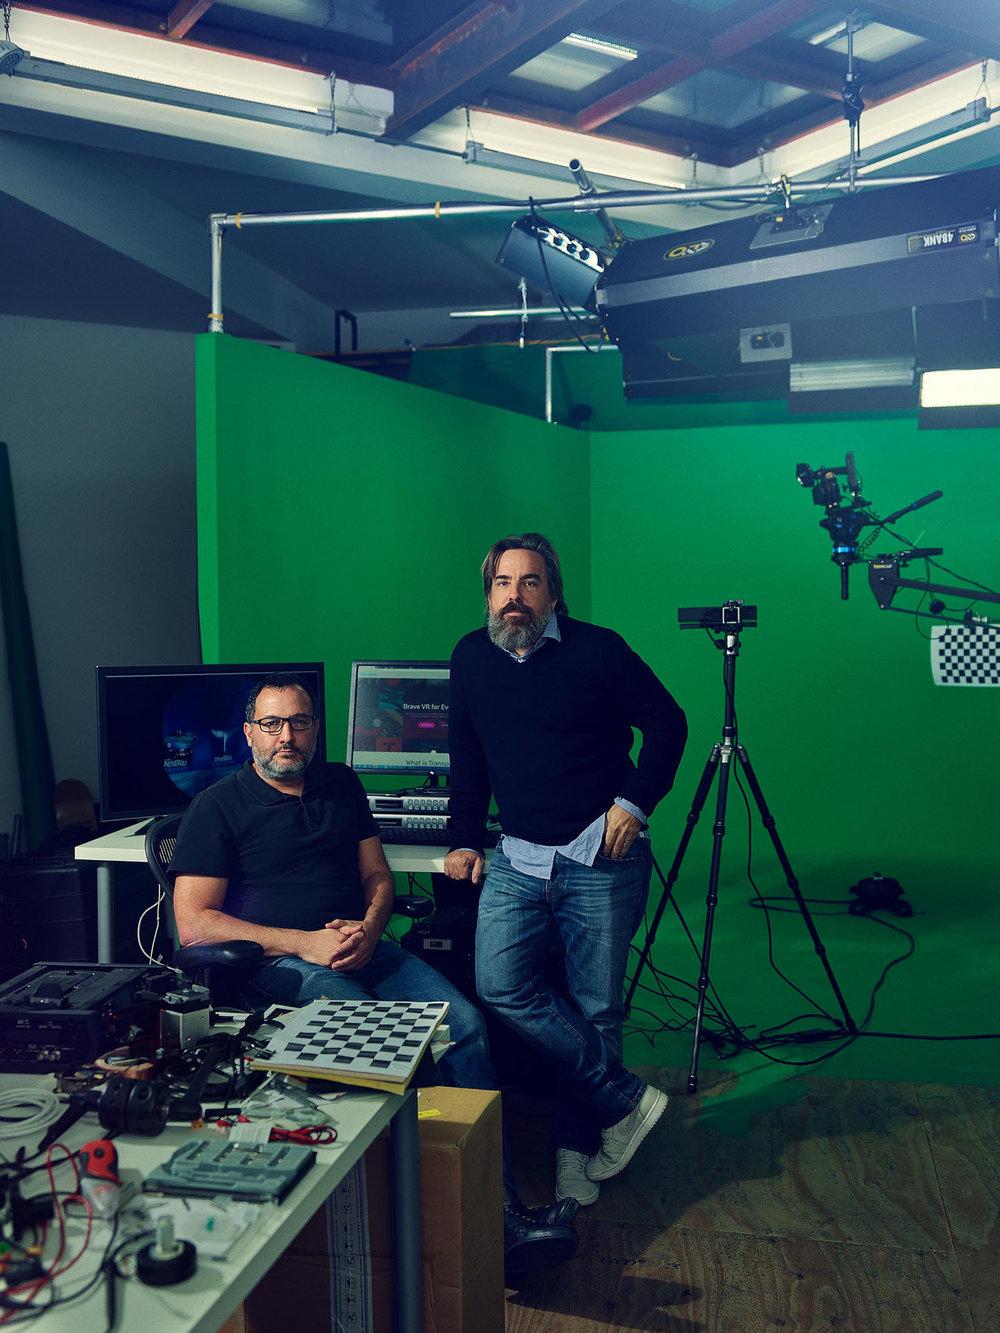 Neville Spiteri & Anthony Batt, Co-Founders of Wevr